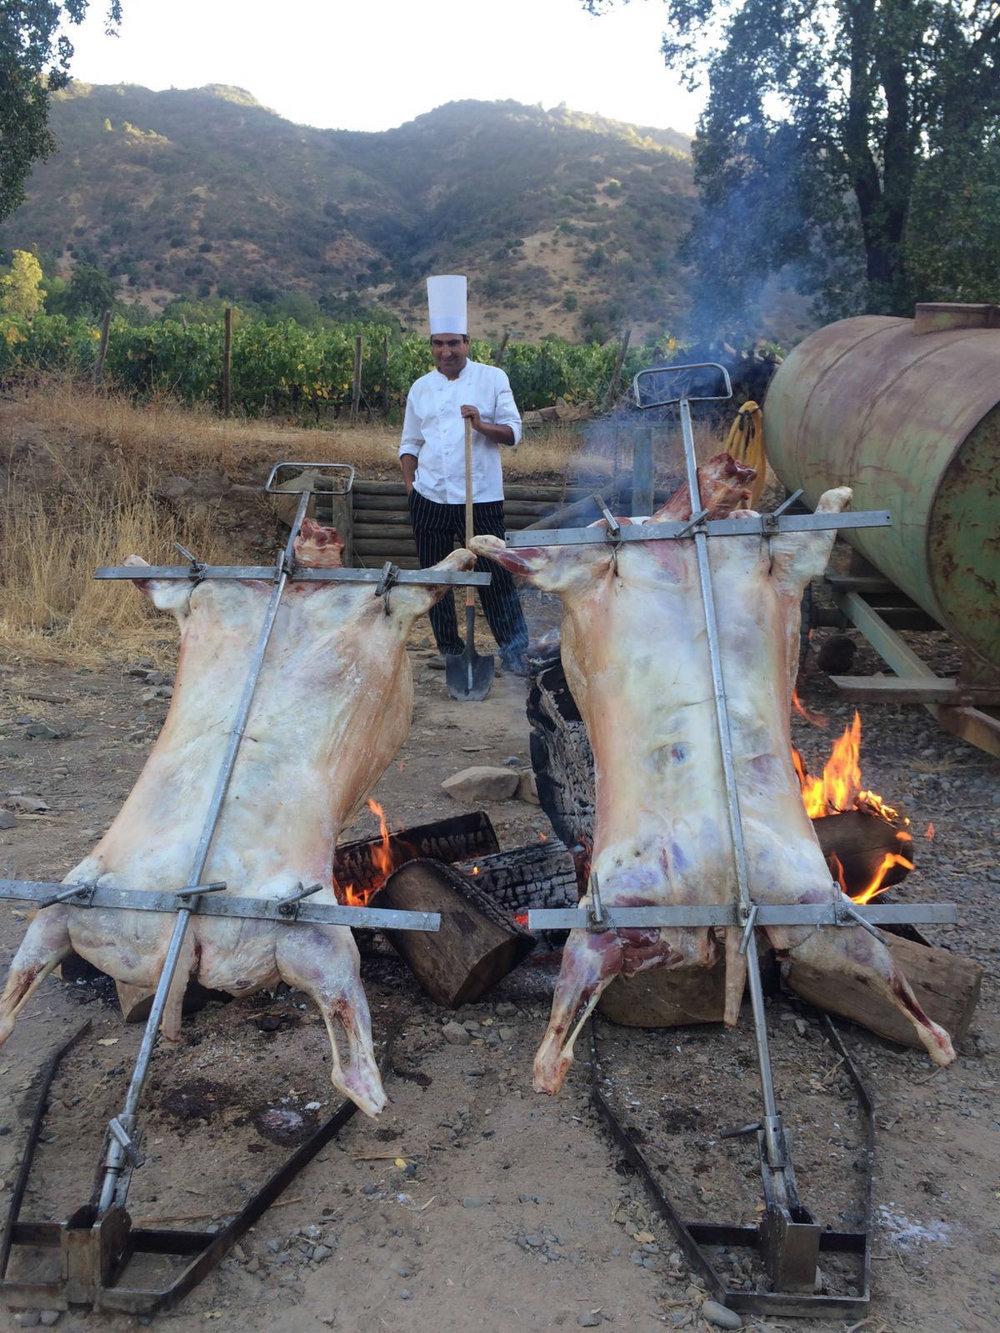 Lammetjes bungelend boven het vuur.